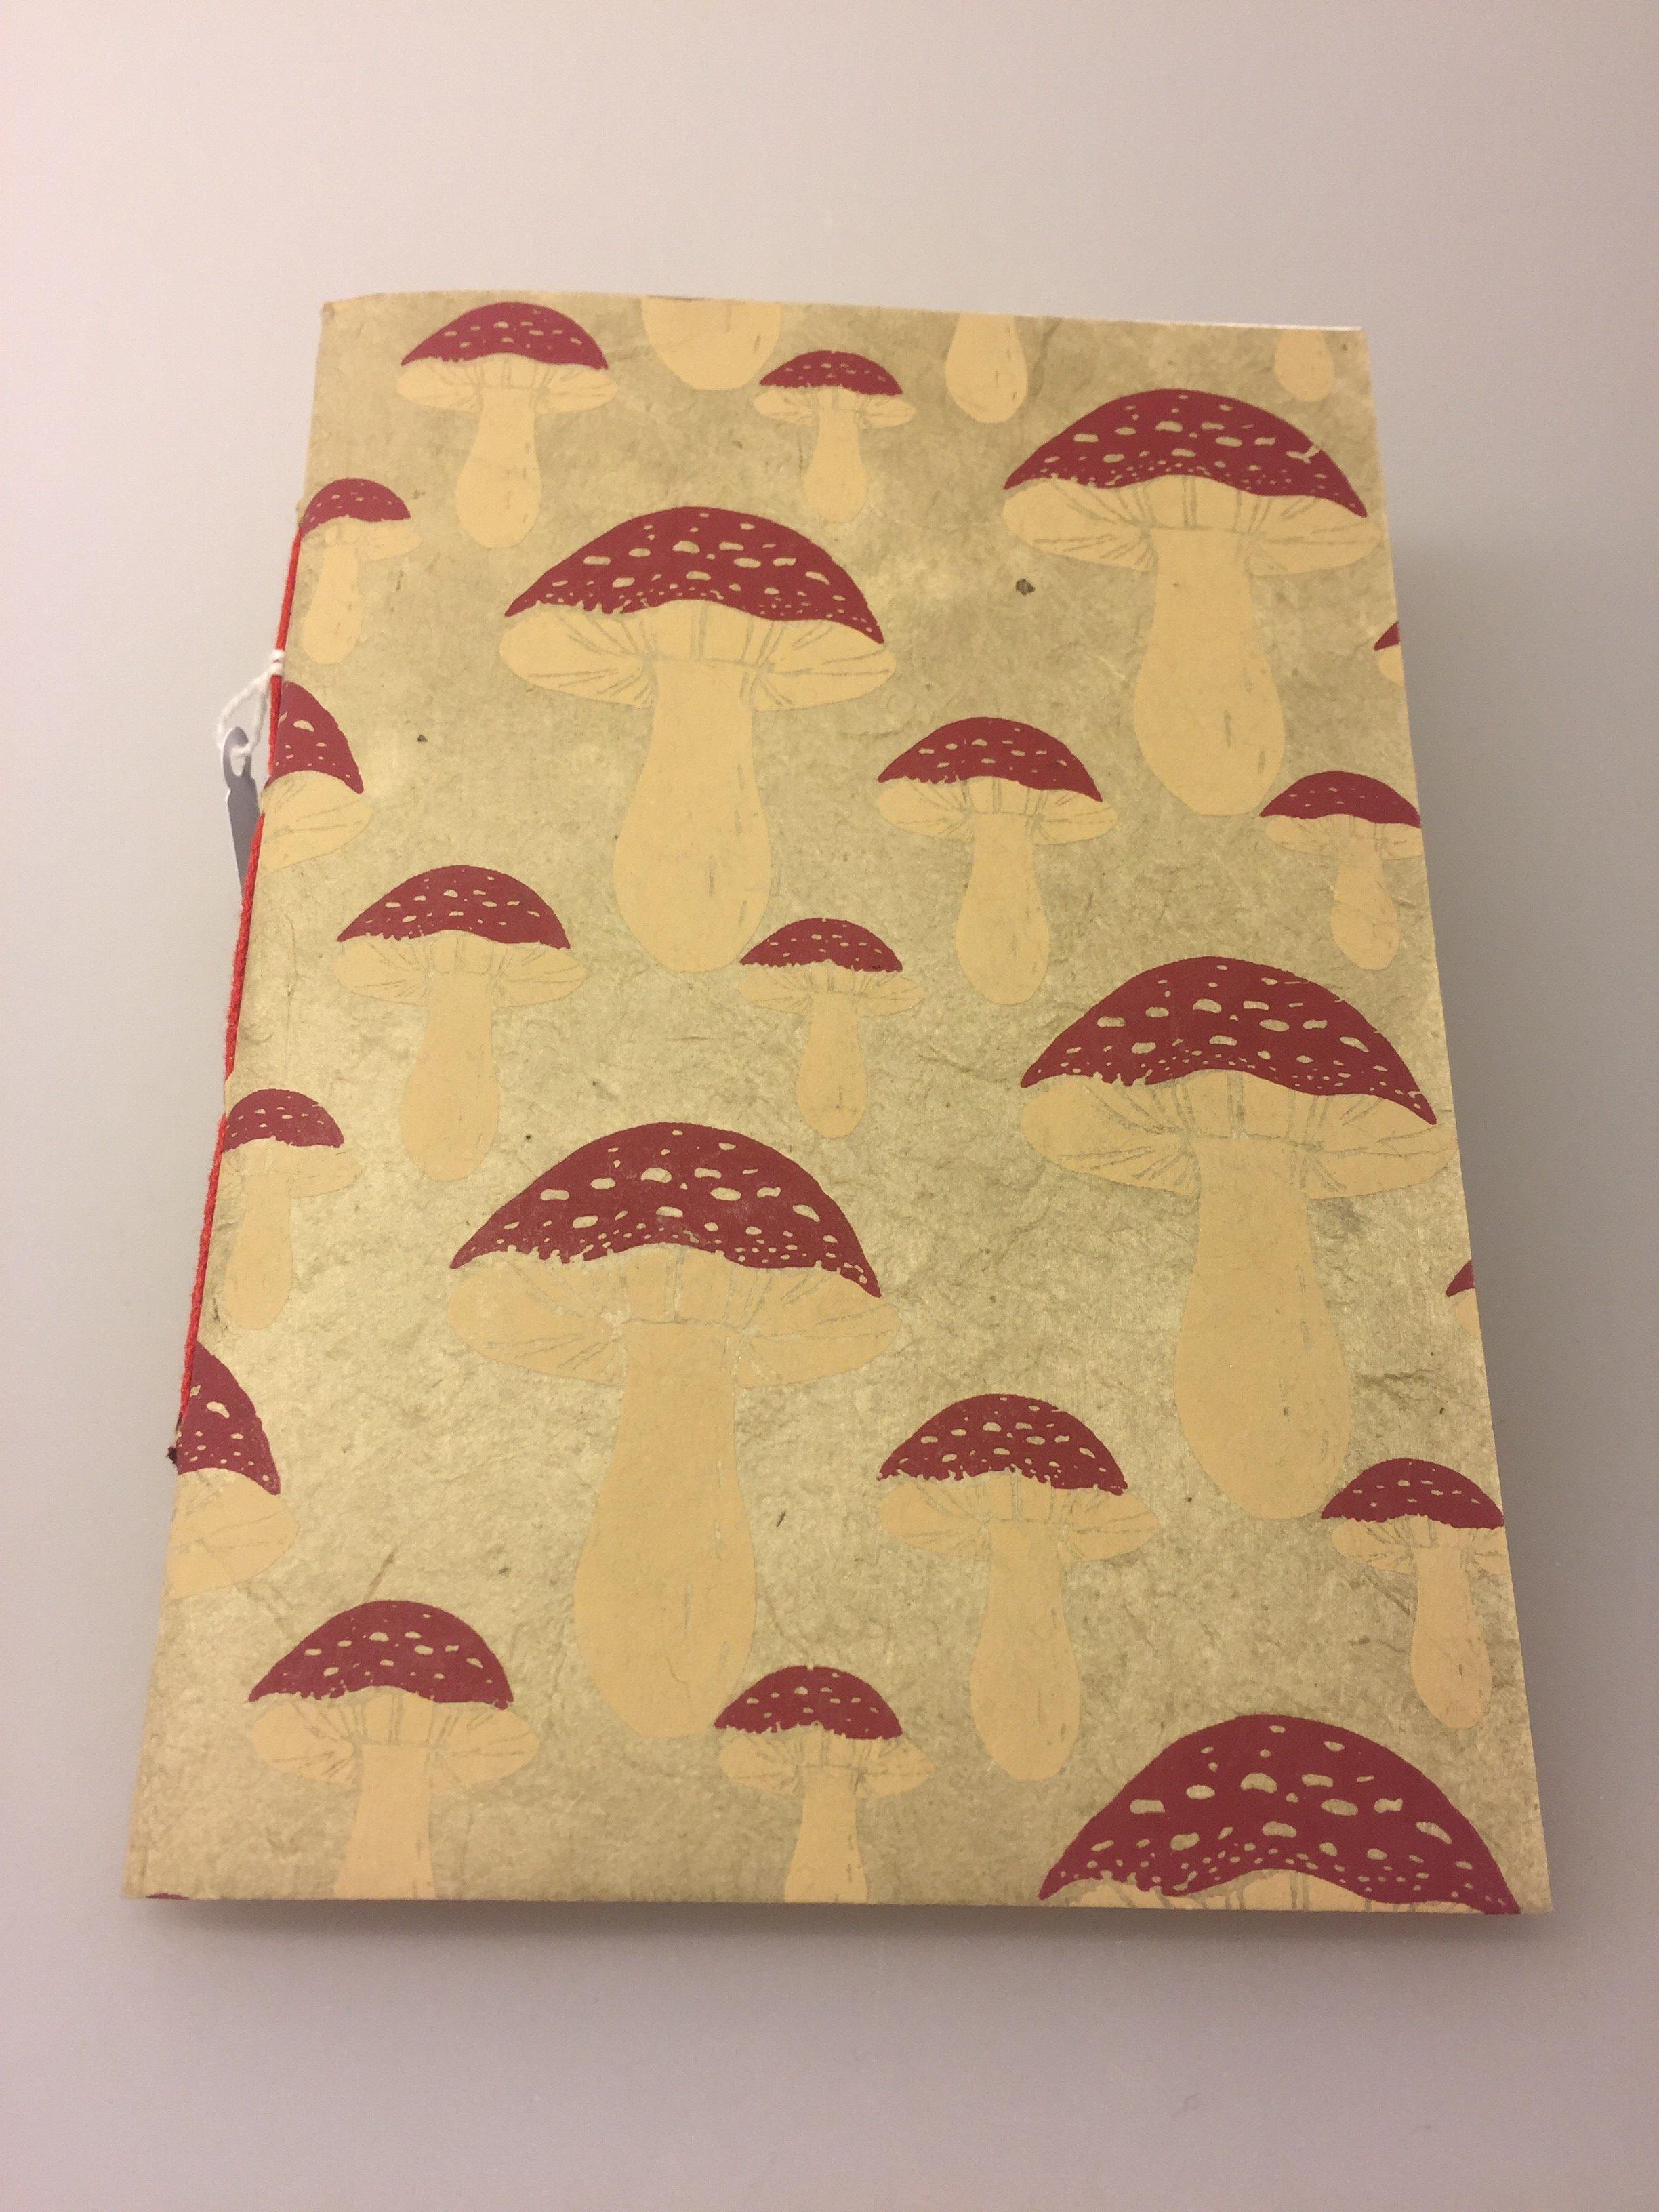 ef9b4849204 Hæfte håndlavet papir – A6 med Røde paddehatte